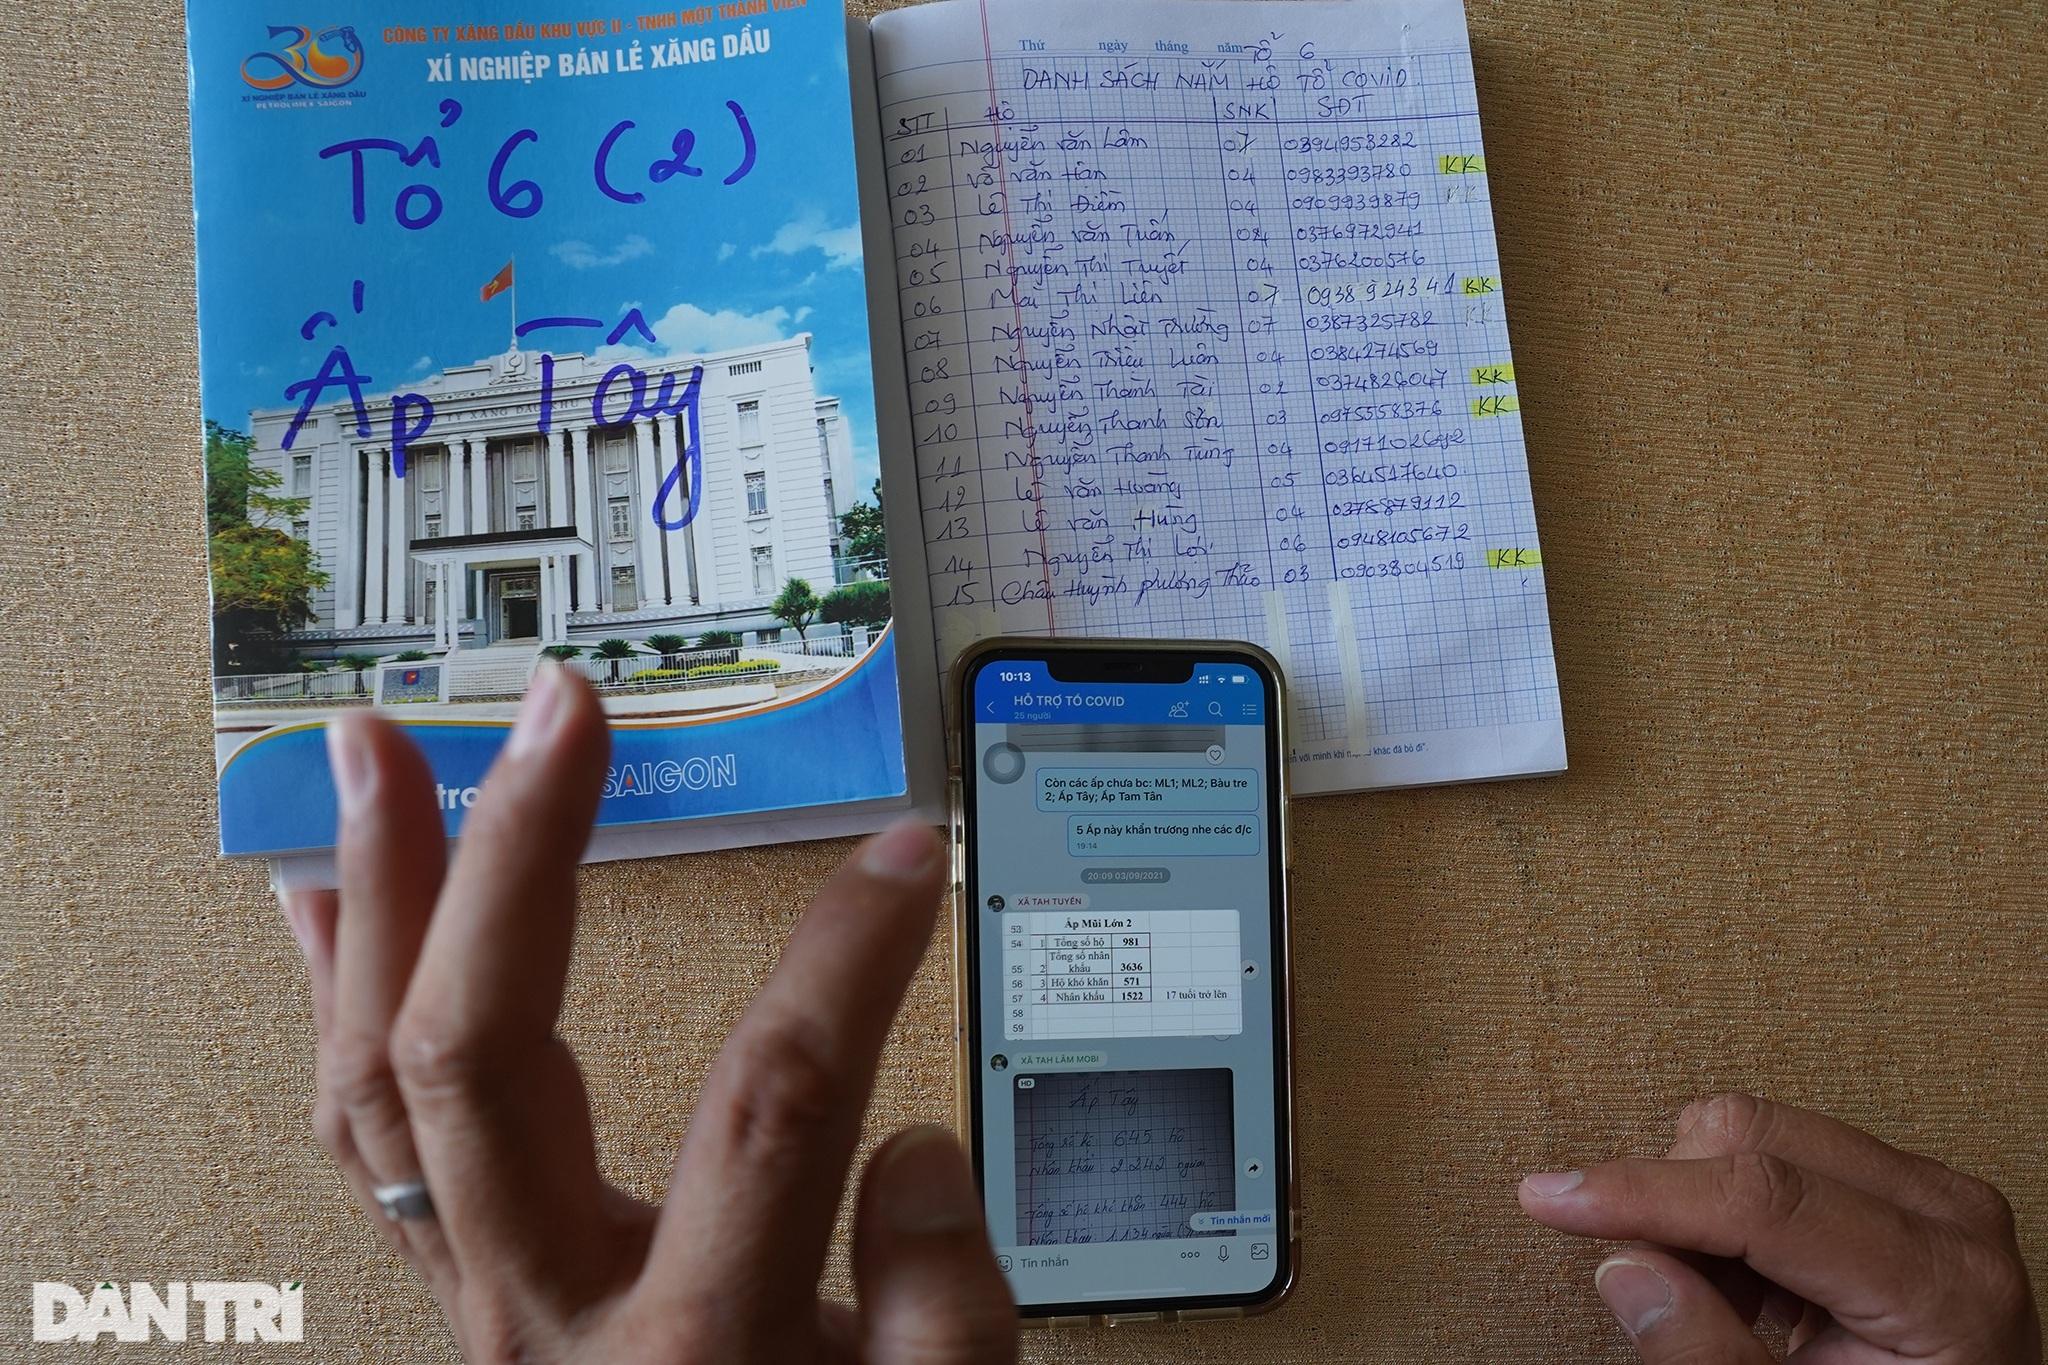 Ảnh tuần: Nghìn người xếp hàng tiêm ở Cung, bộ đội dầm mưa bão giúp dân - 6